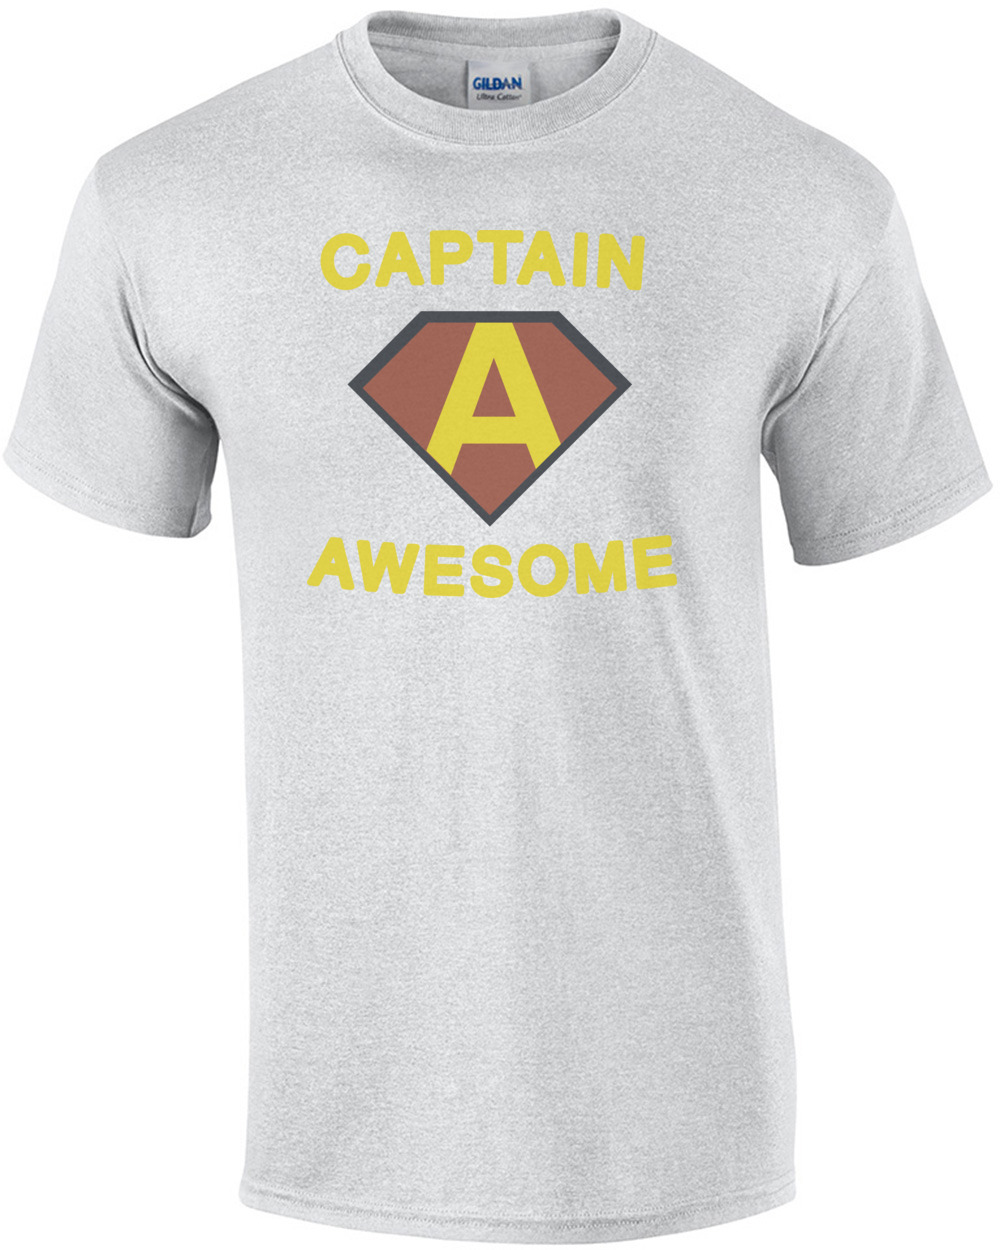 e9496a23 Captain Awesome. Funny T-Shirt shirt